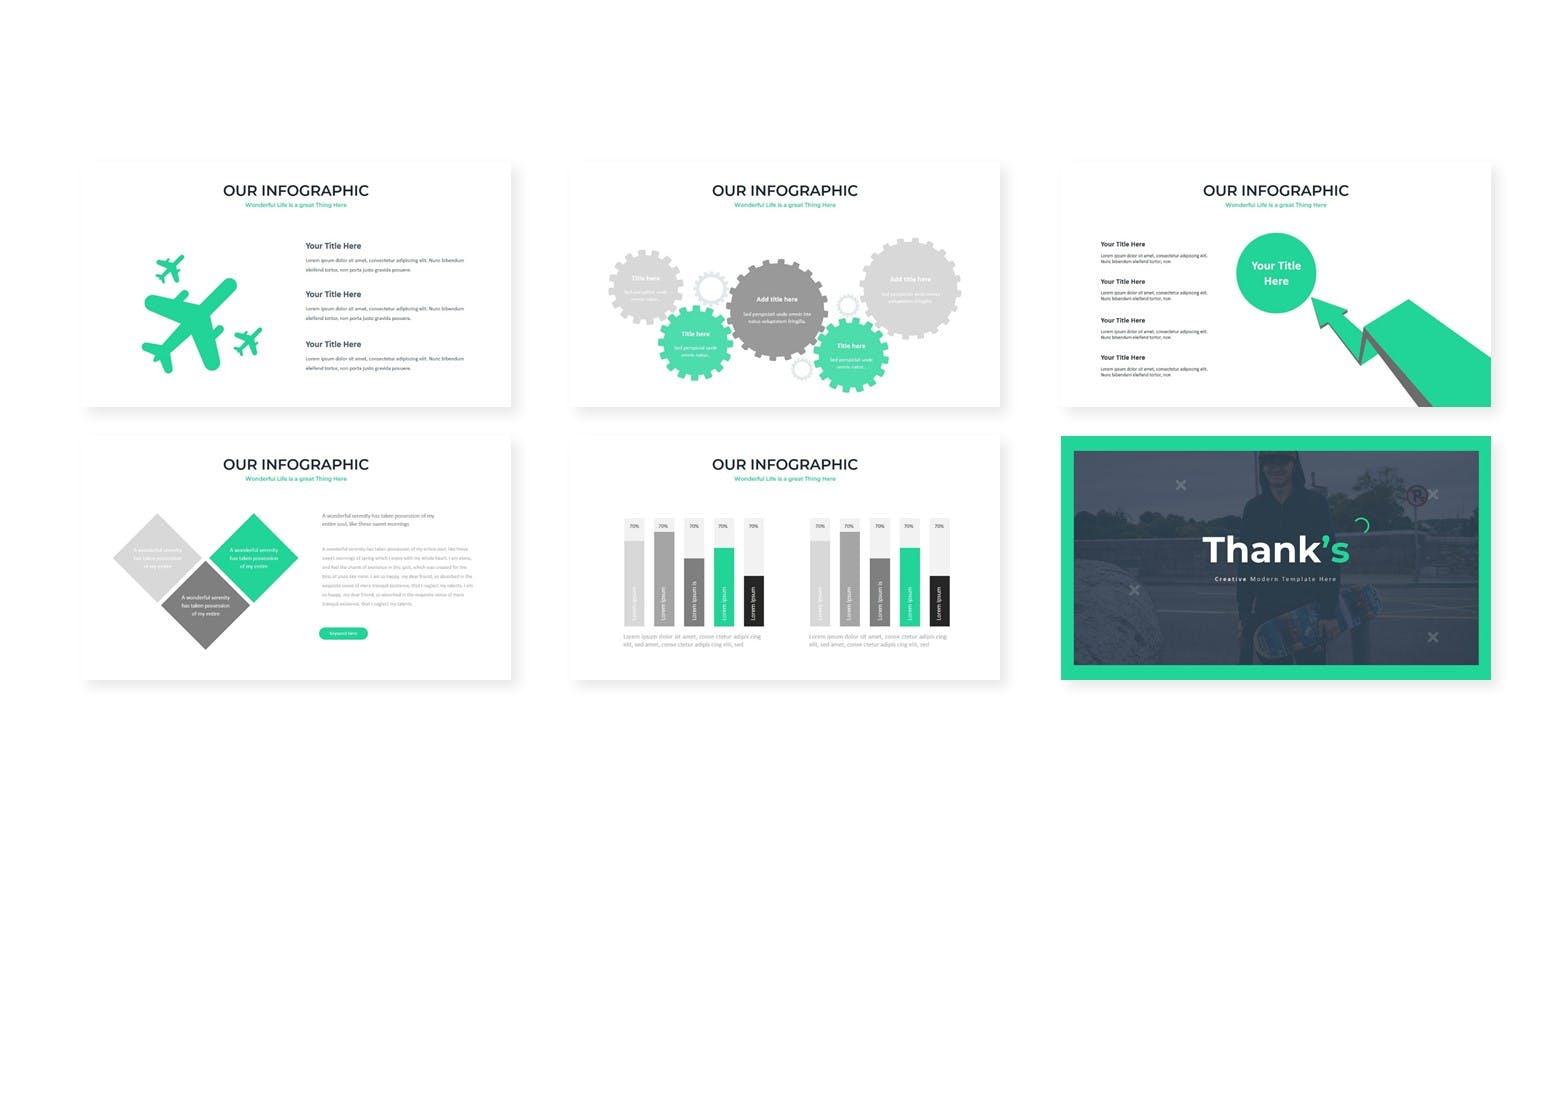 几何图案版式风格PPT幻灯片模板Bogang Google Slides Template插图(3)